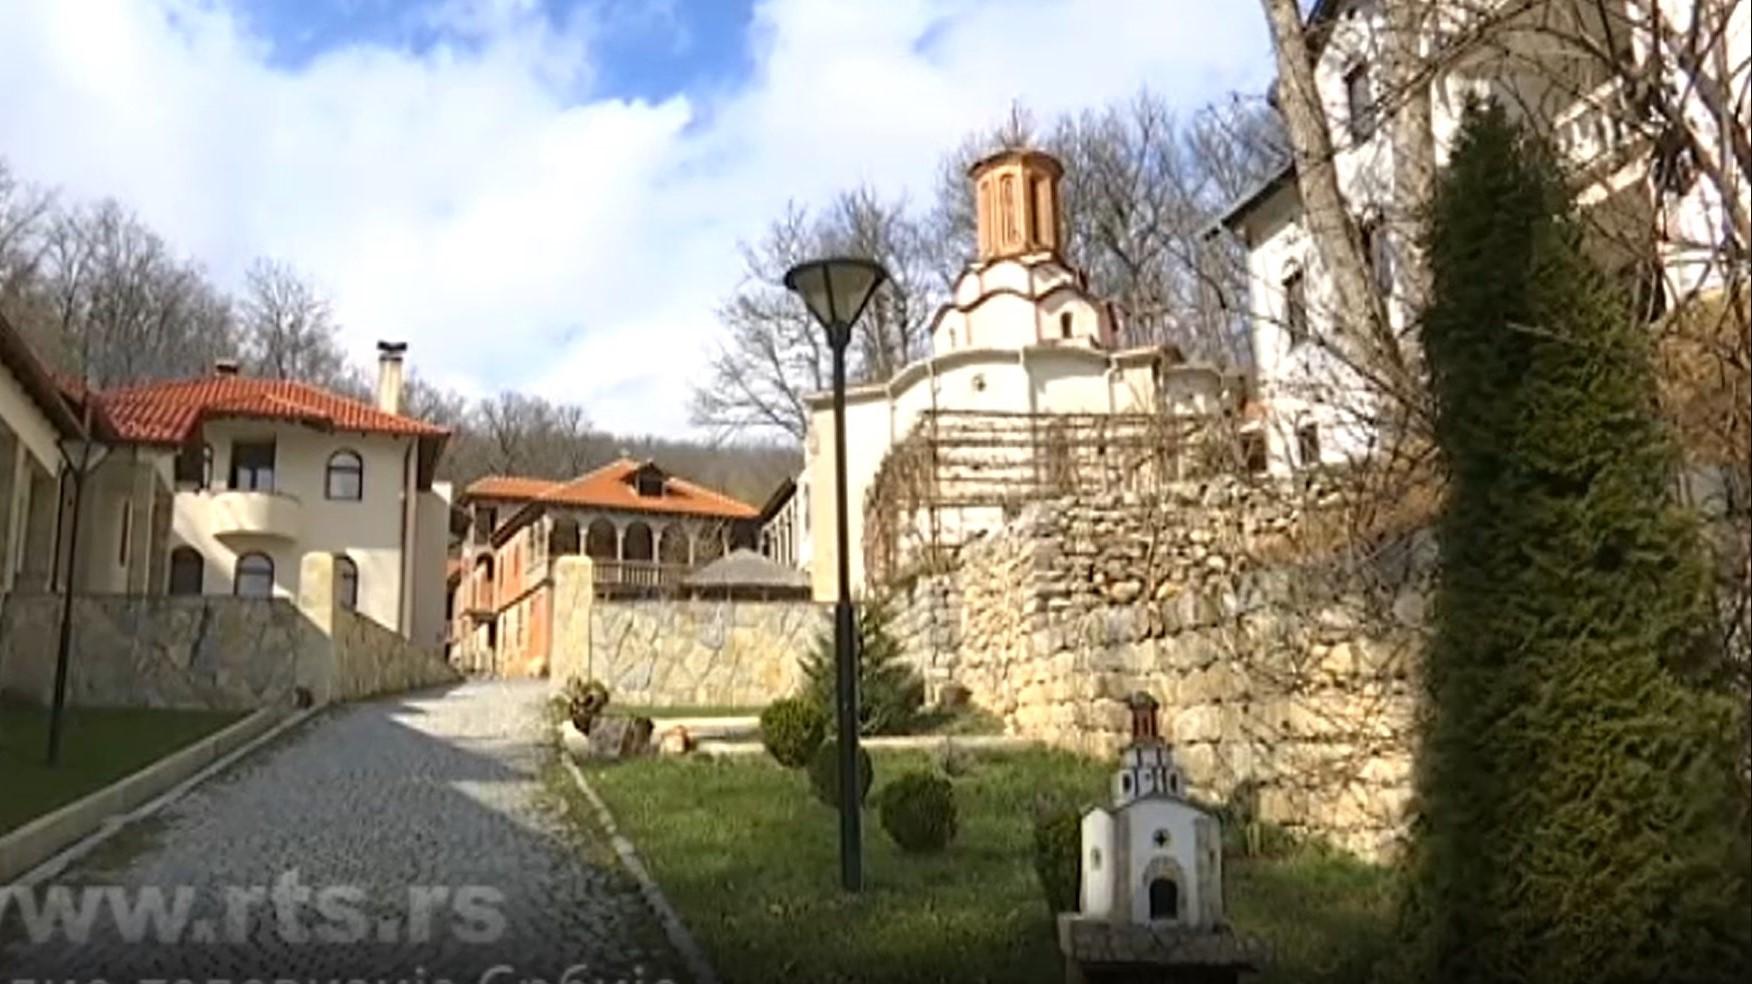 prica-o-manastiru-draganac-duhovni-svetionik-pravoslavnih-srba